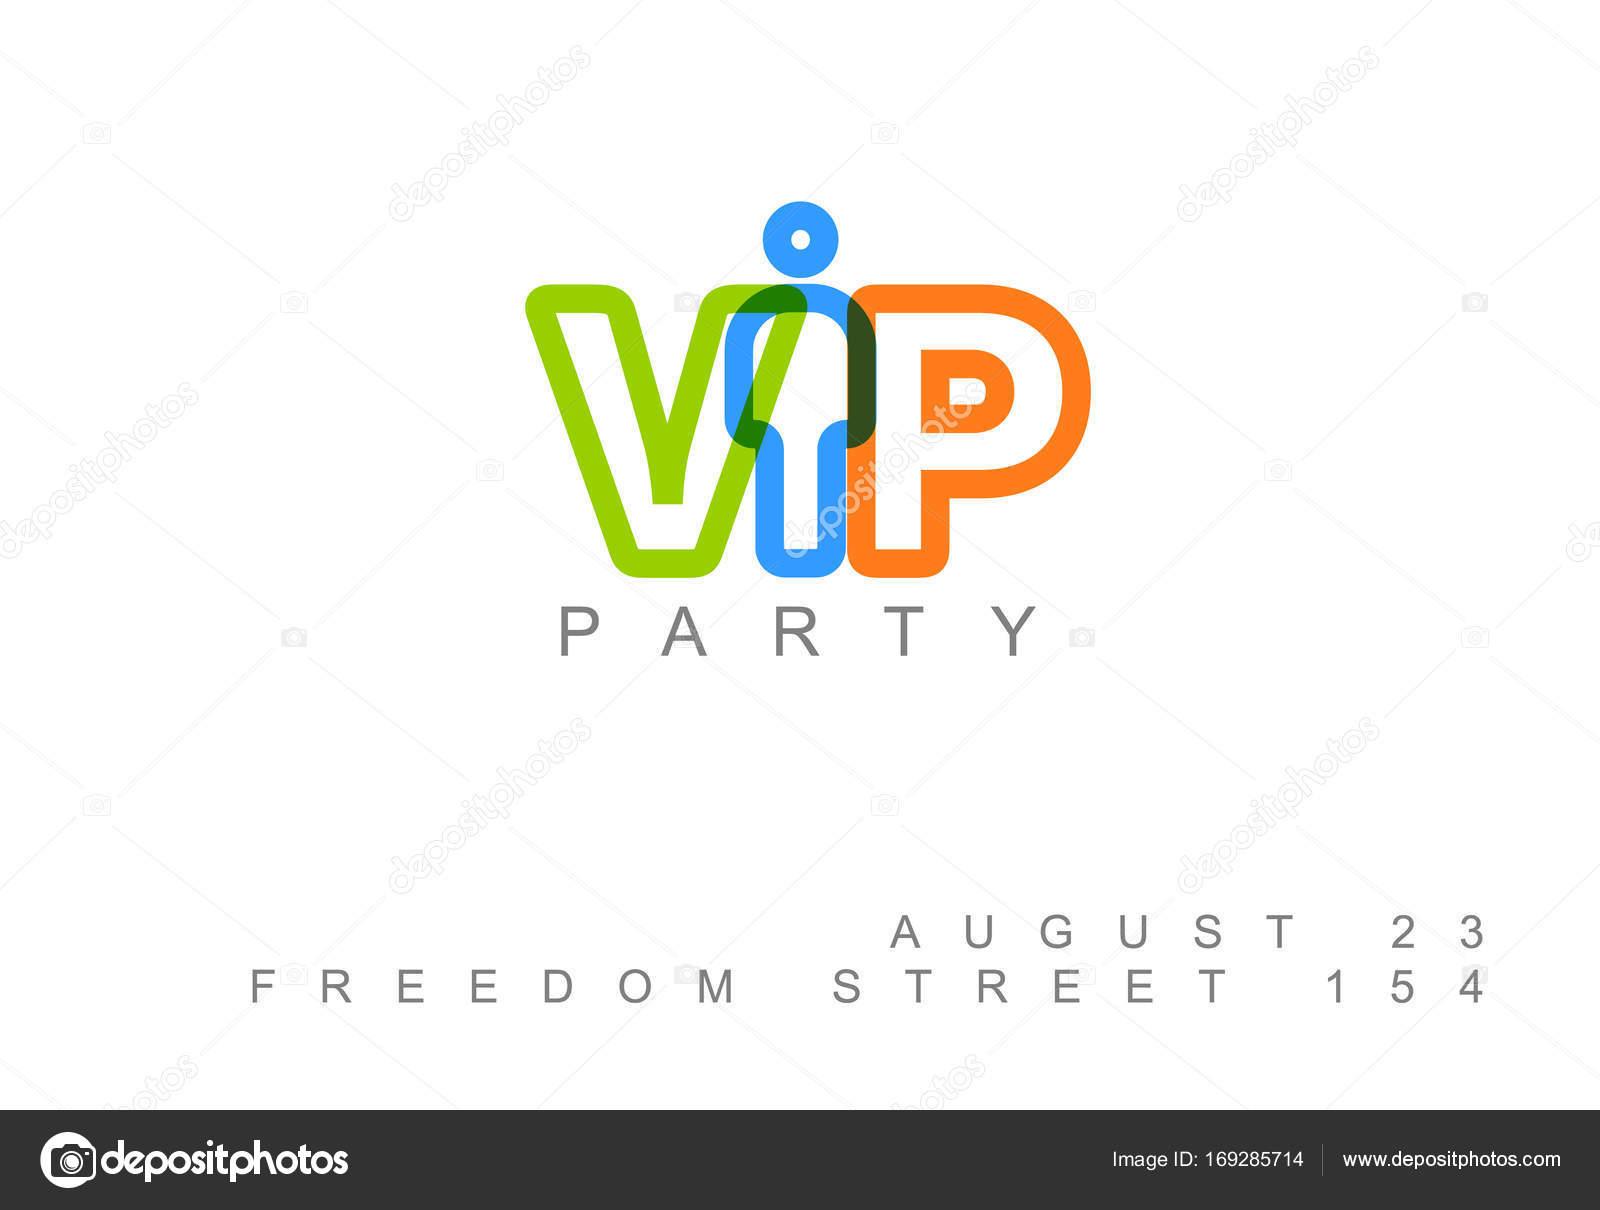 VIP-Club Party Einladung Vorlage — Stockvektor © orson #169285714